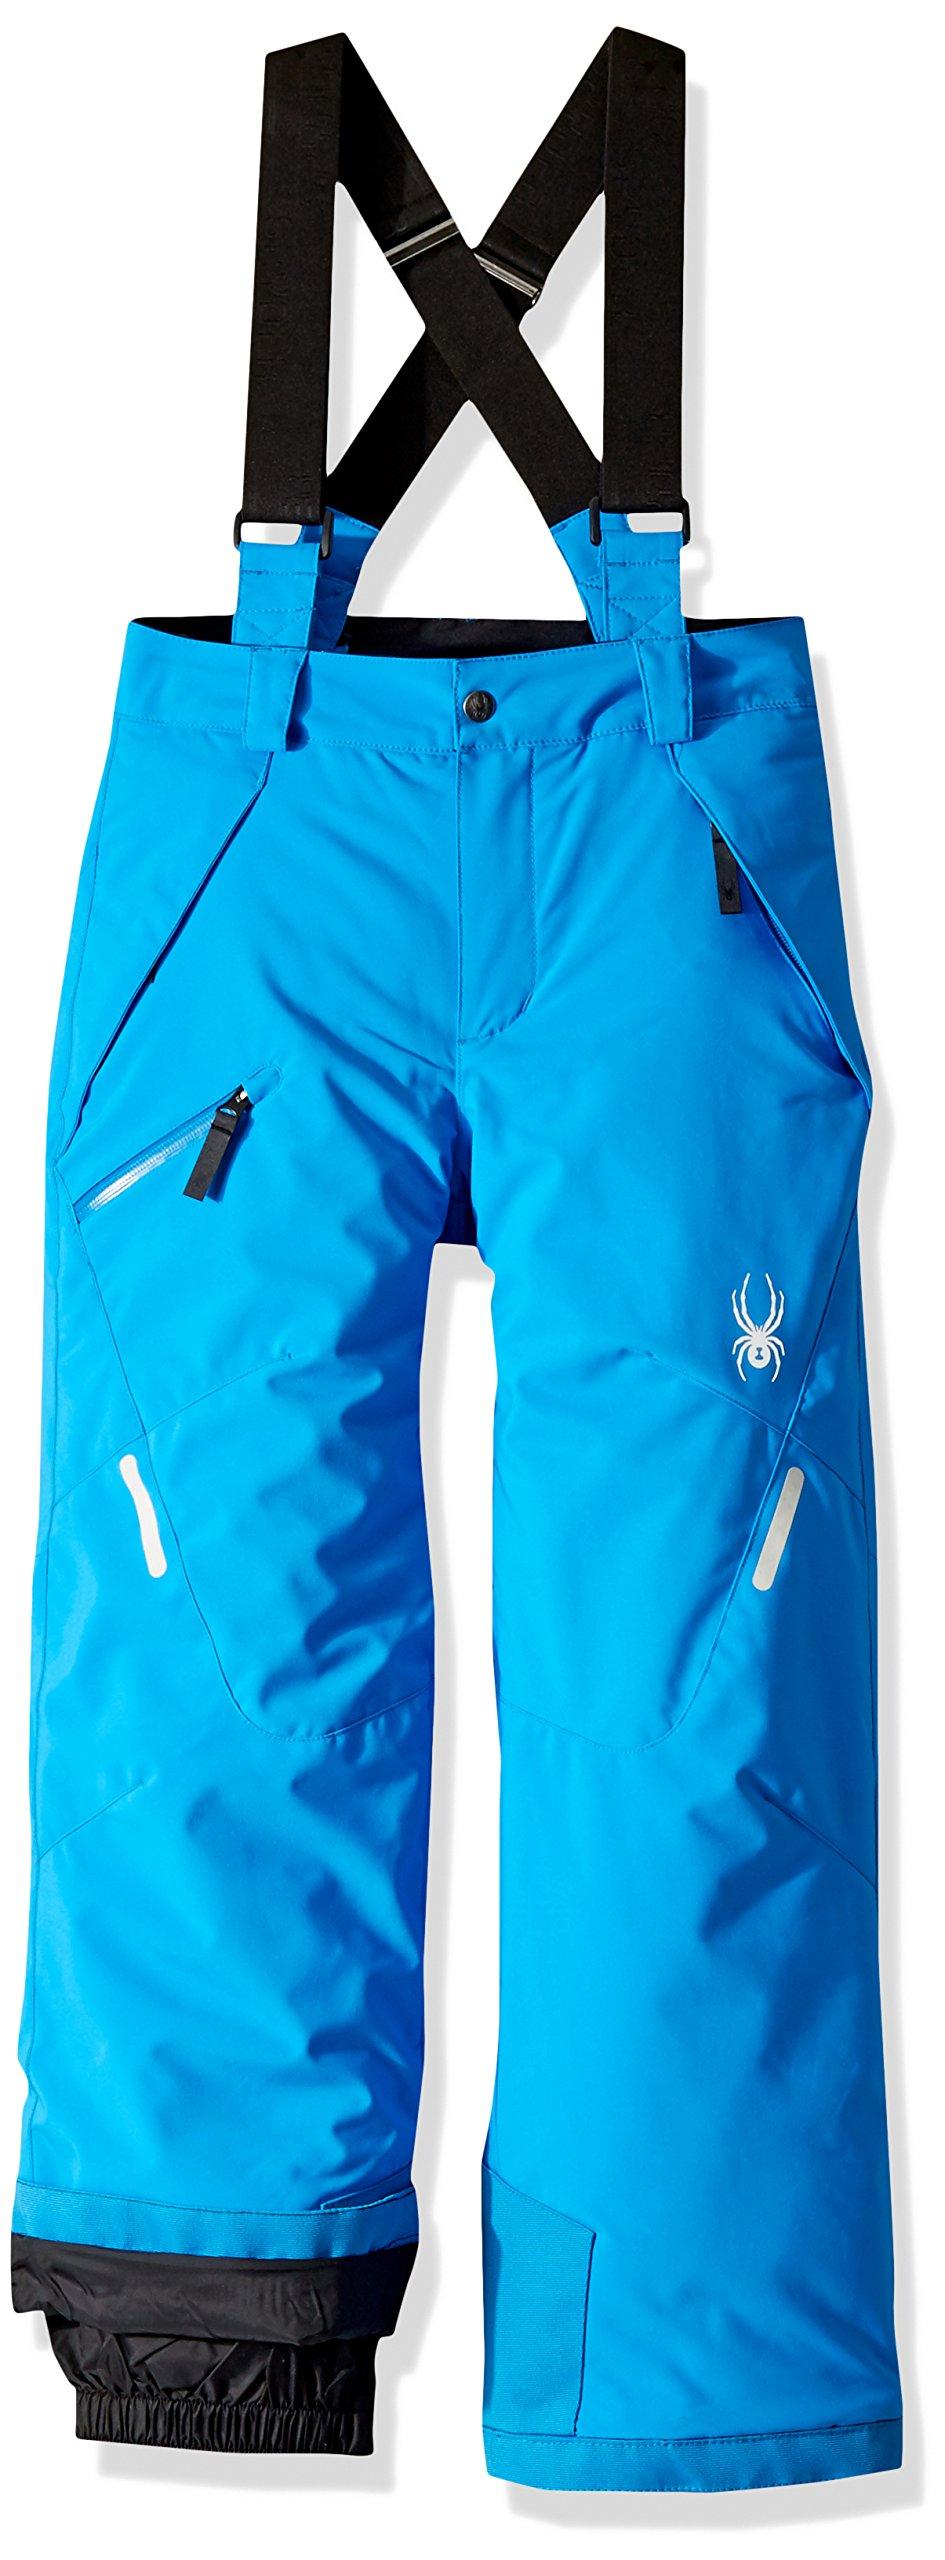 Spyder Boy's Propulsion Ski Pant, French Blue, Size 12